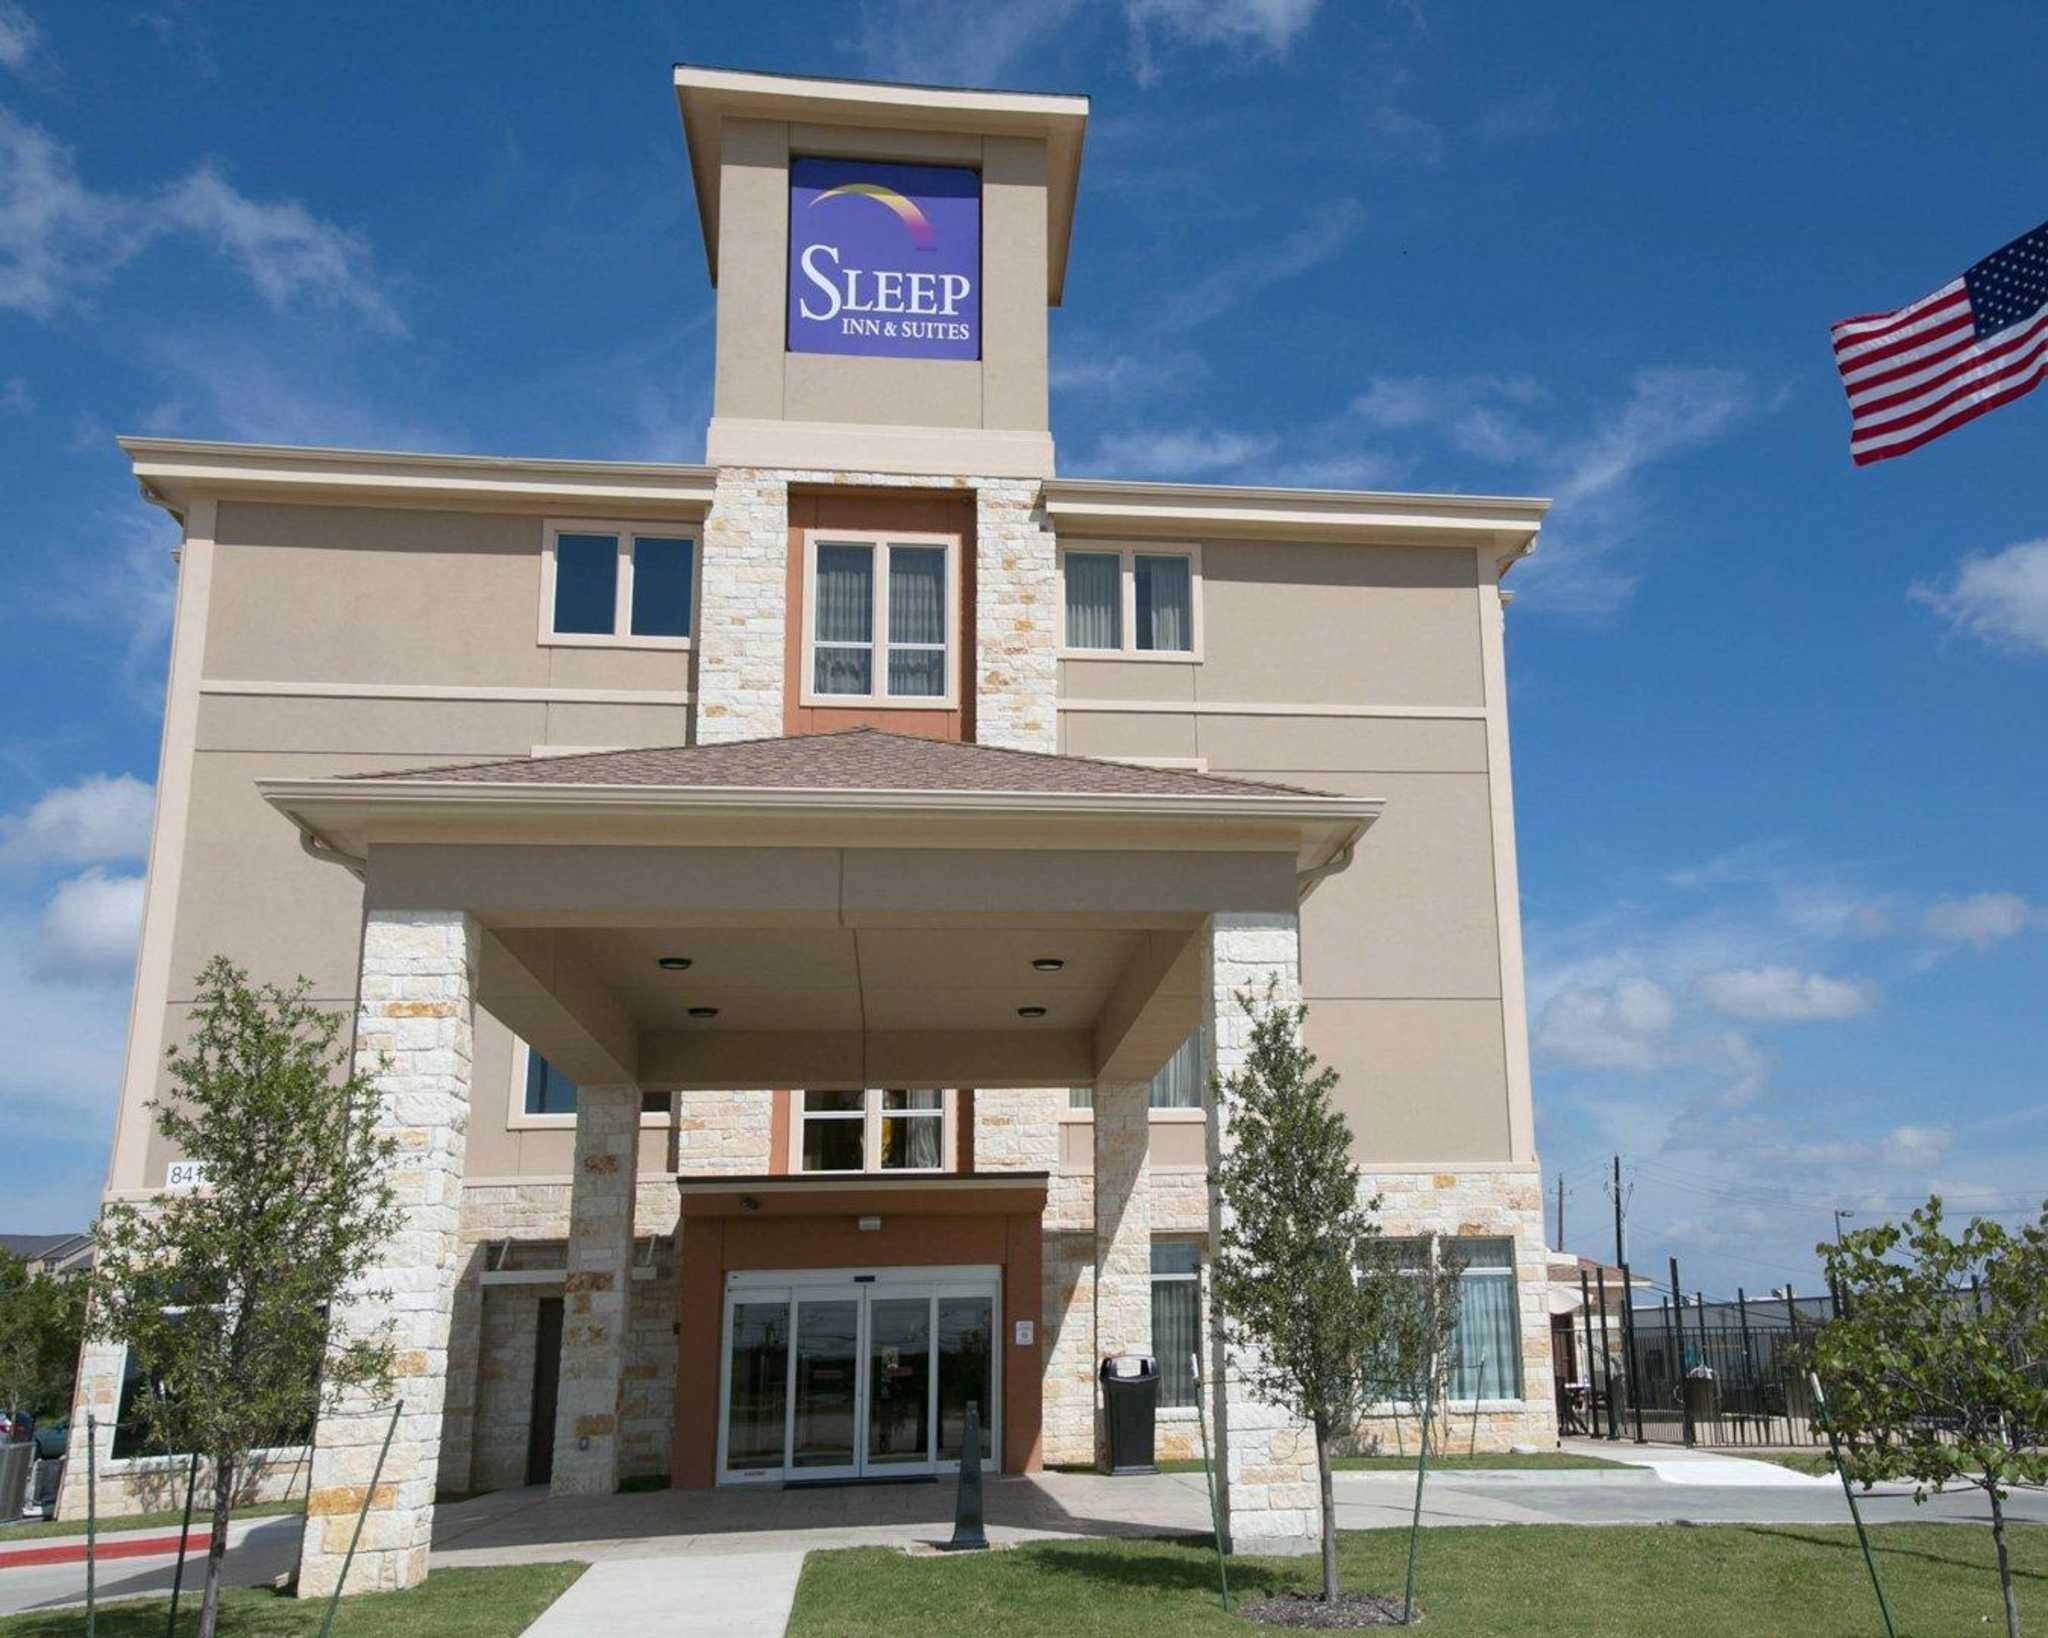 Sleep Inn & Suites Austin - Northeast image 1